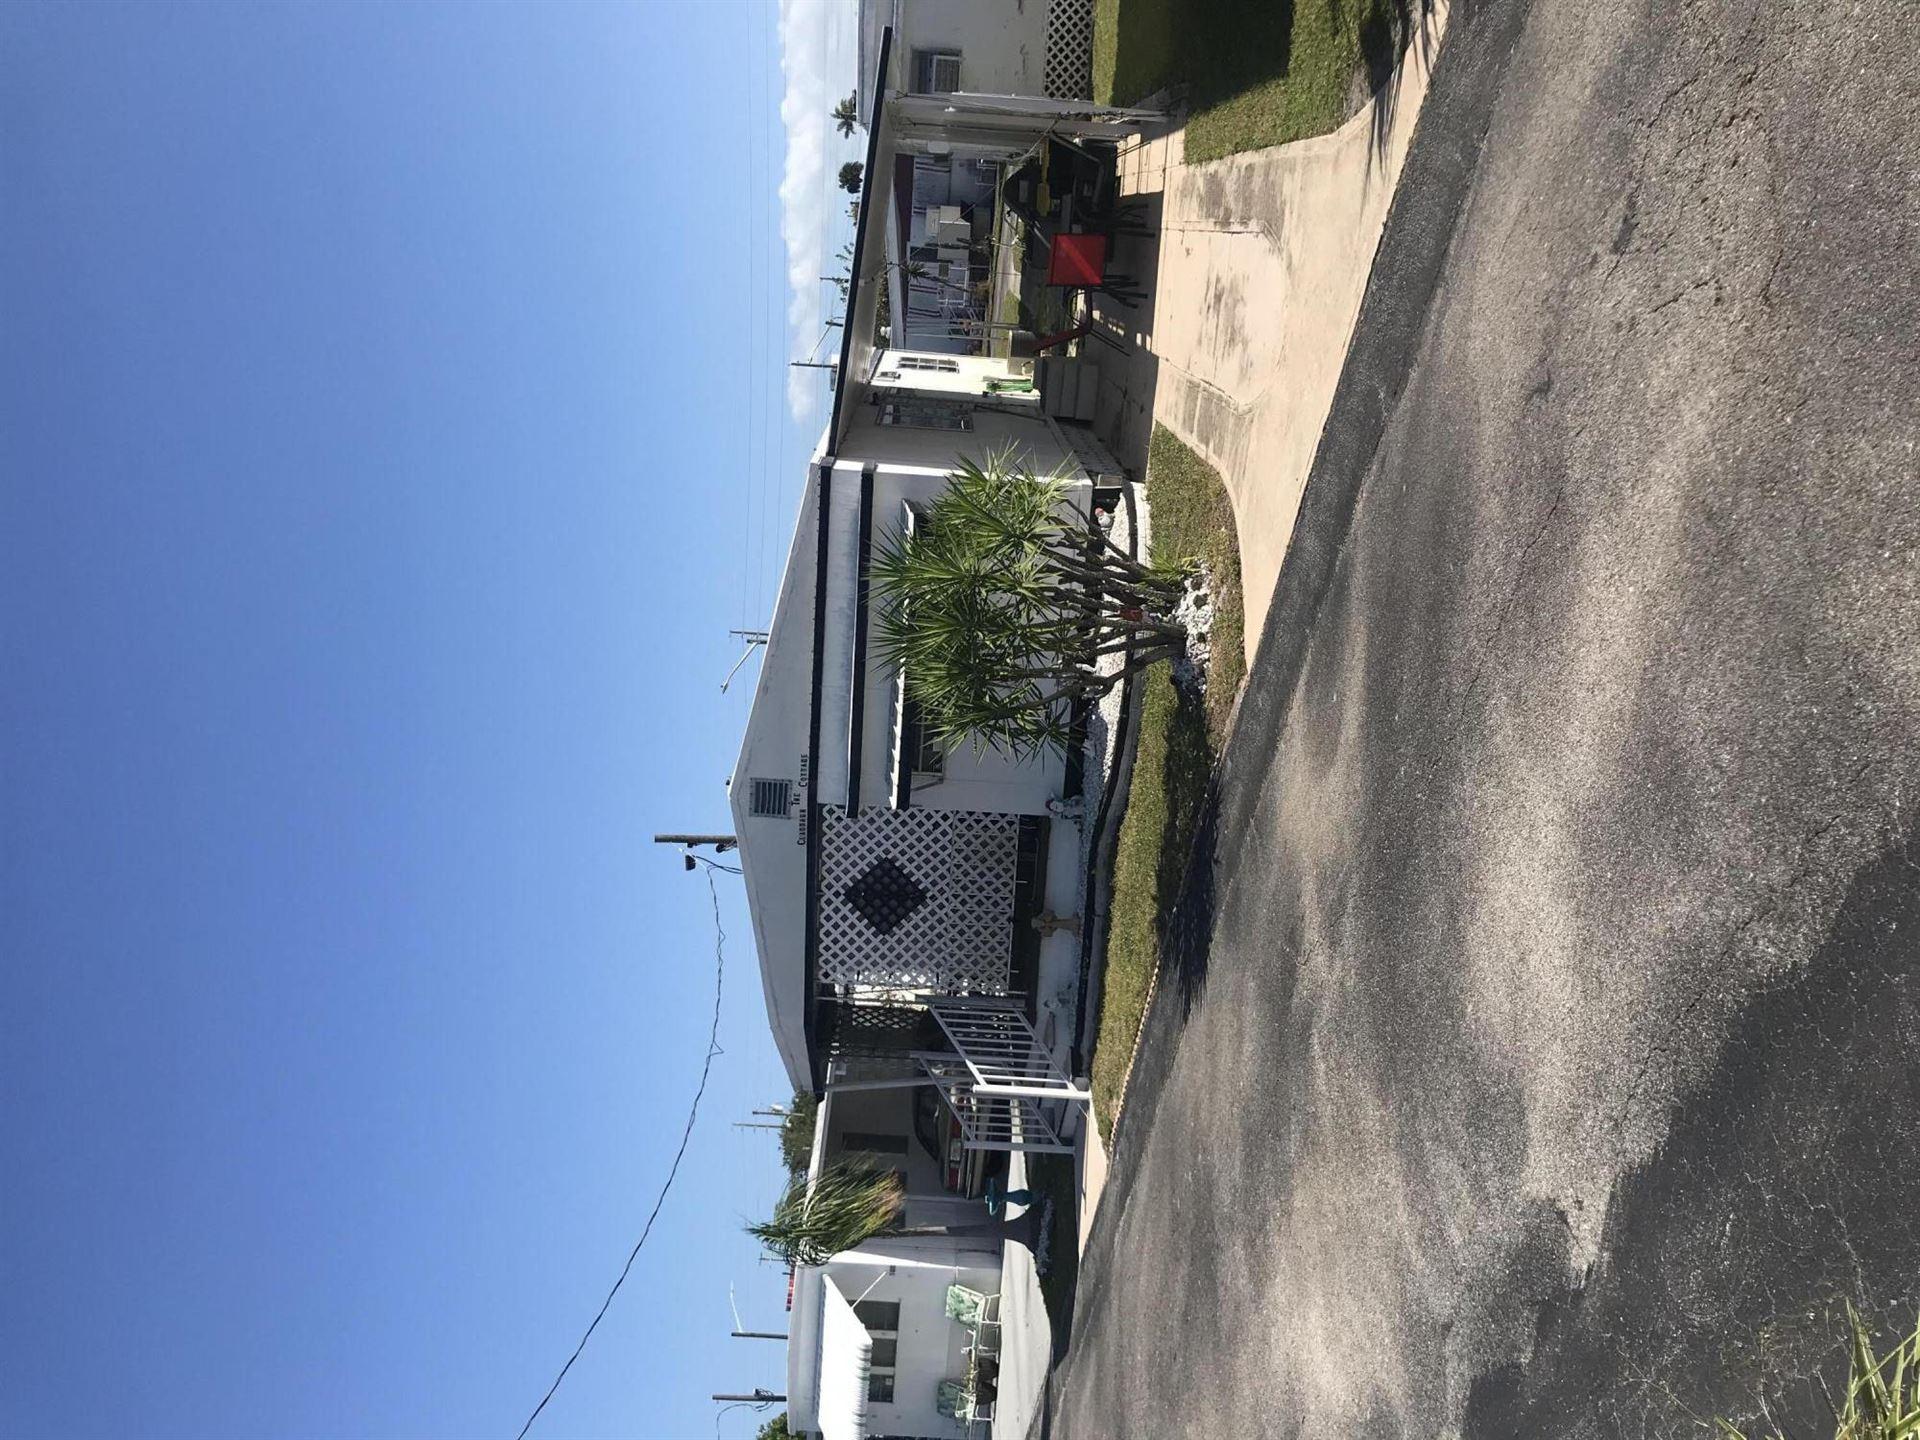 2023 Saint Lucie Boulevard #Lot 101, Fort Pierce, FL 34946 - #: RX-10603925